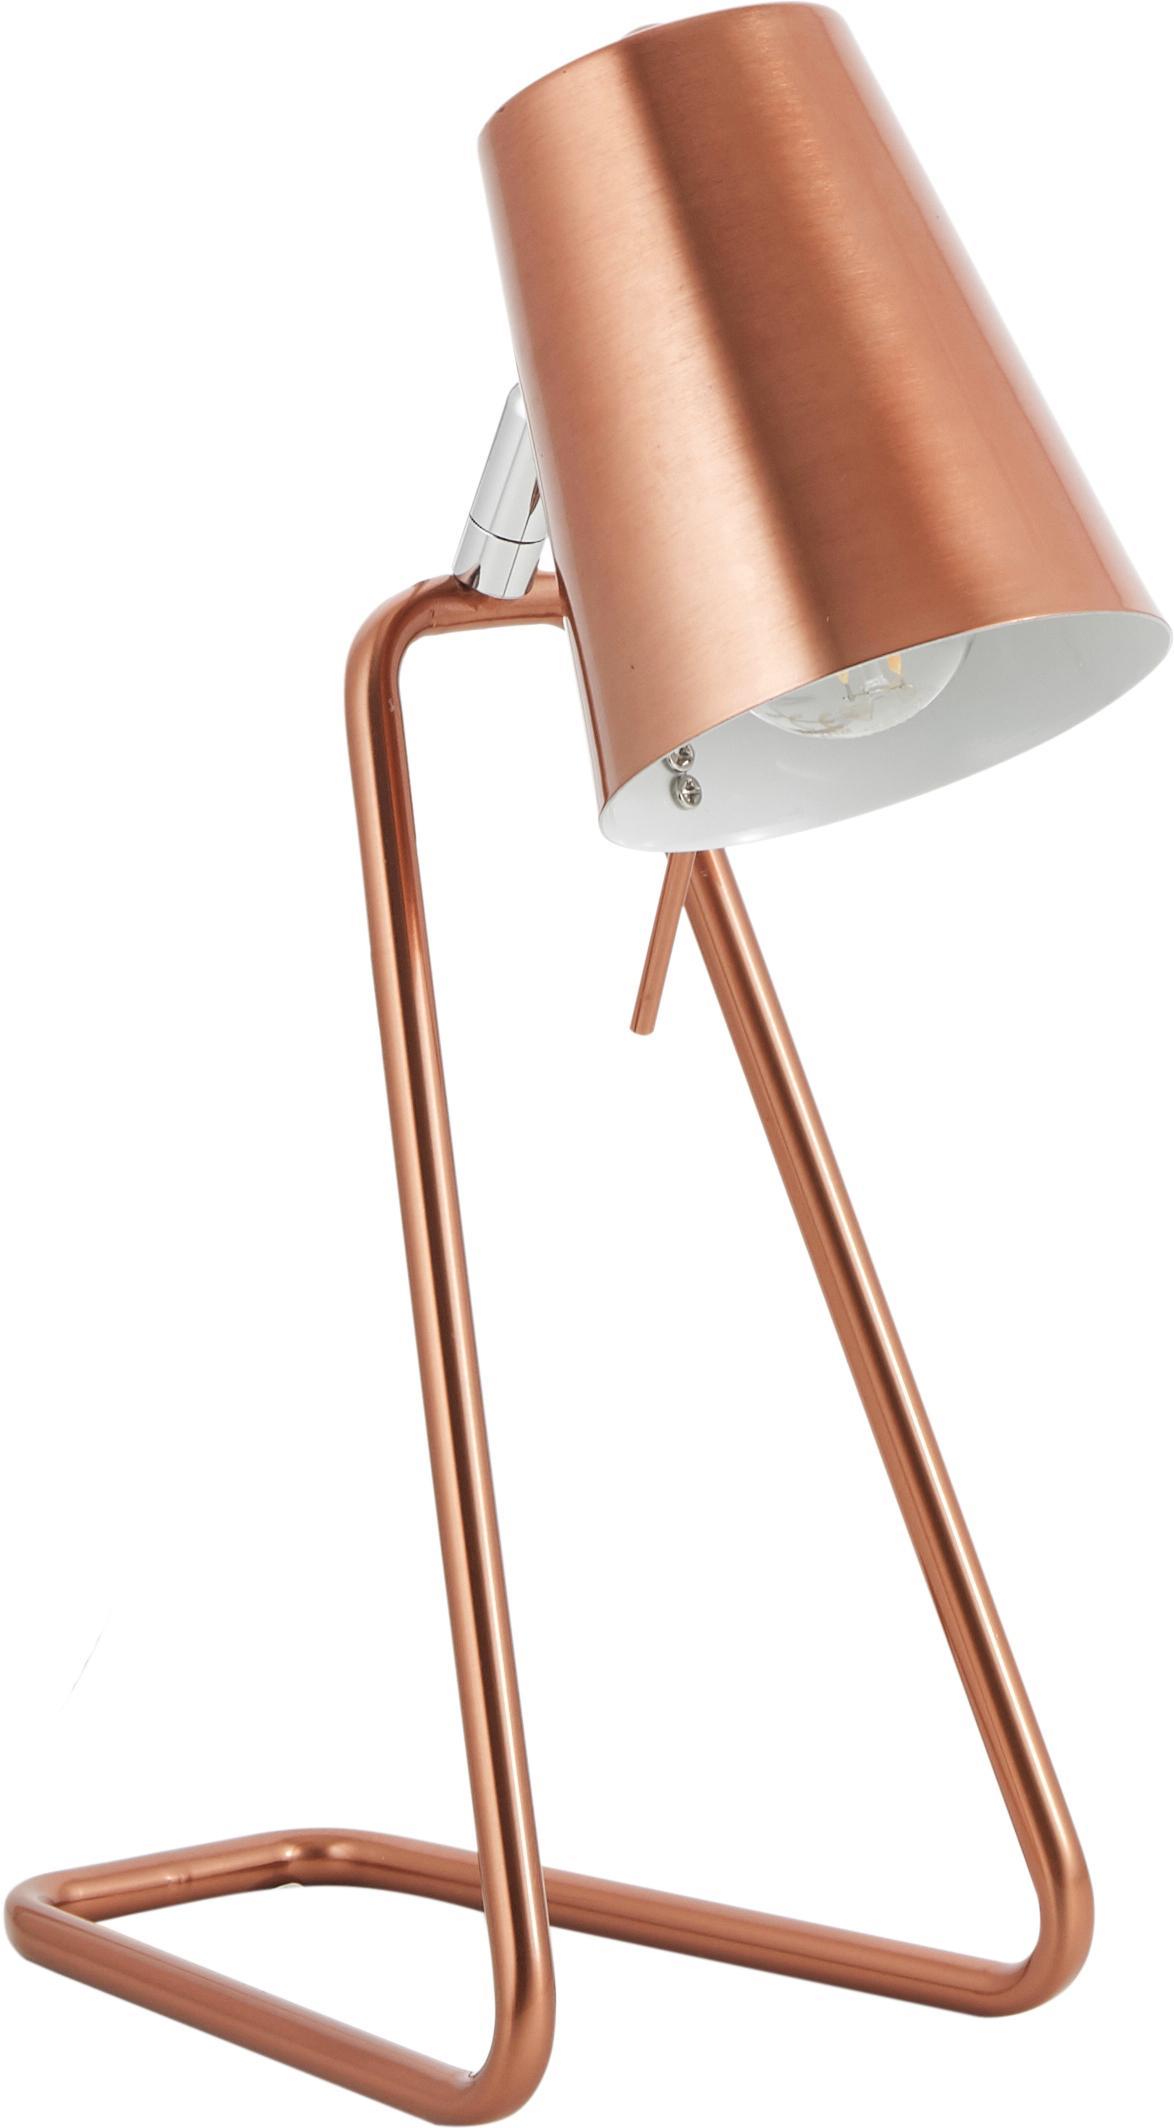 Lampa stołowa Zet, Miedź, 16 x 35 cm